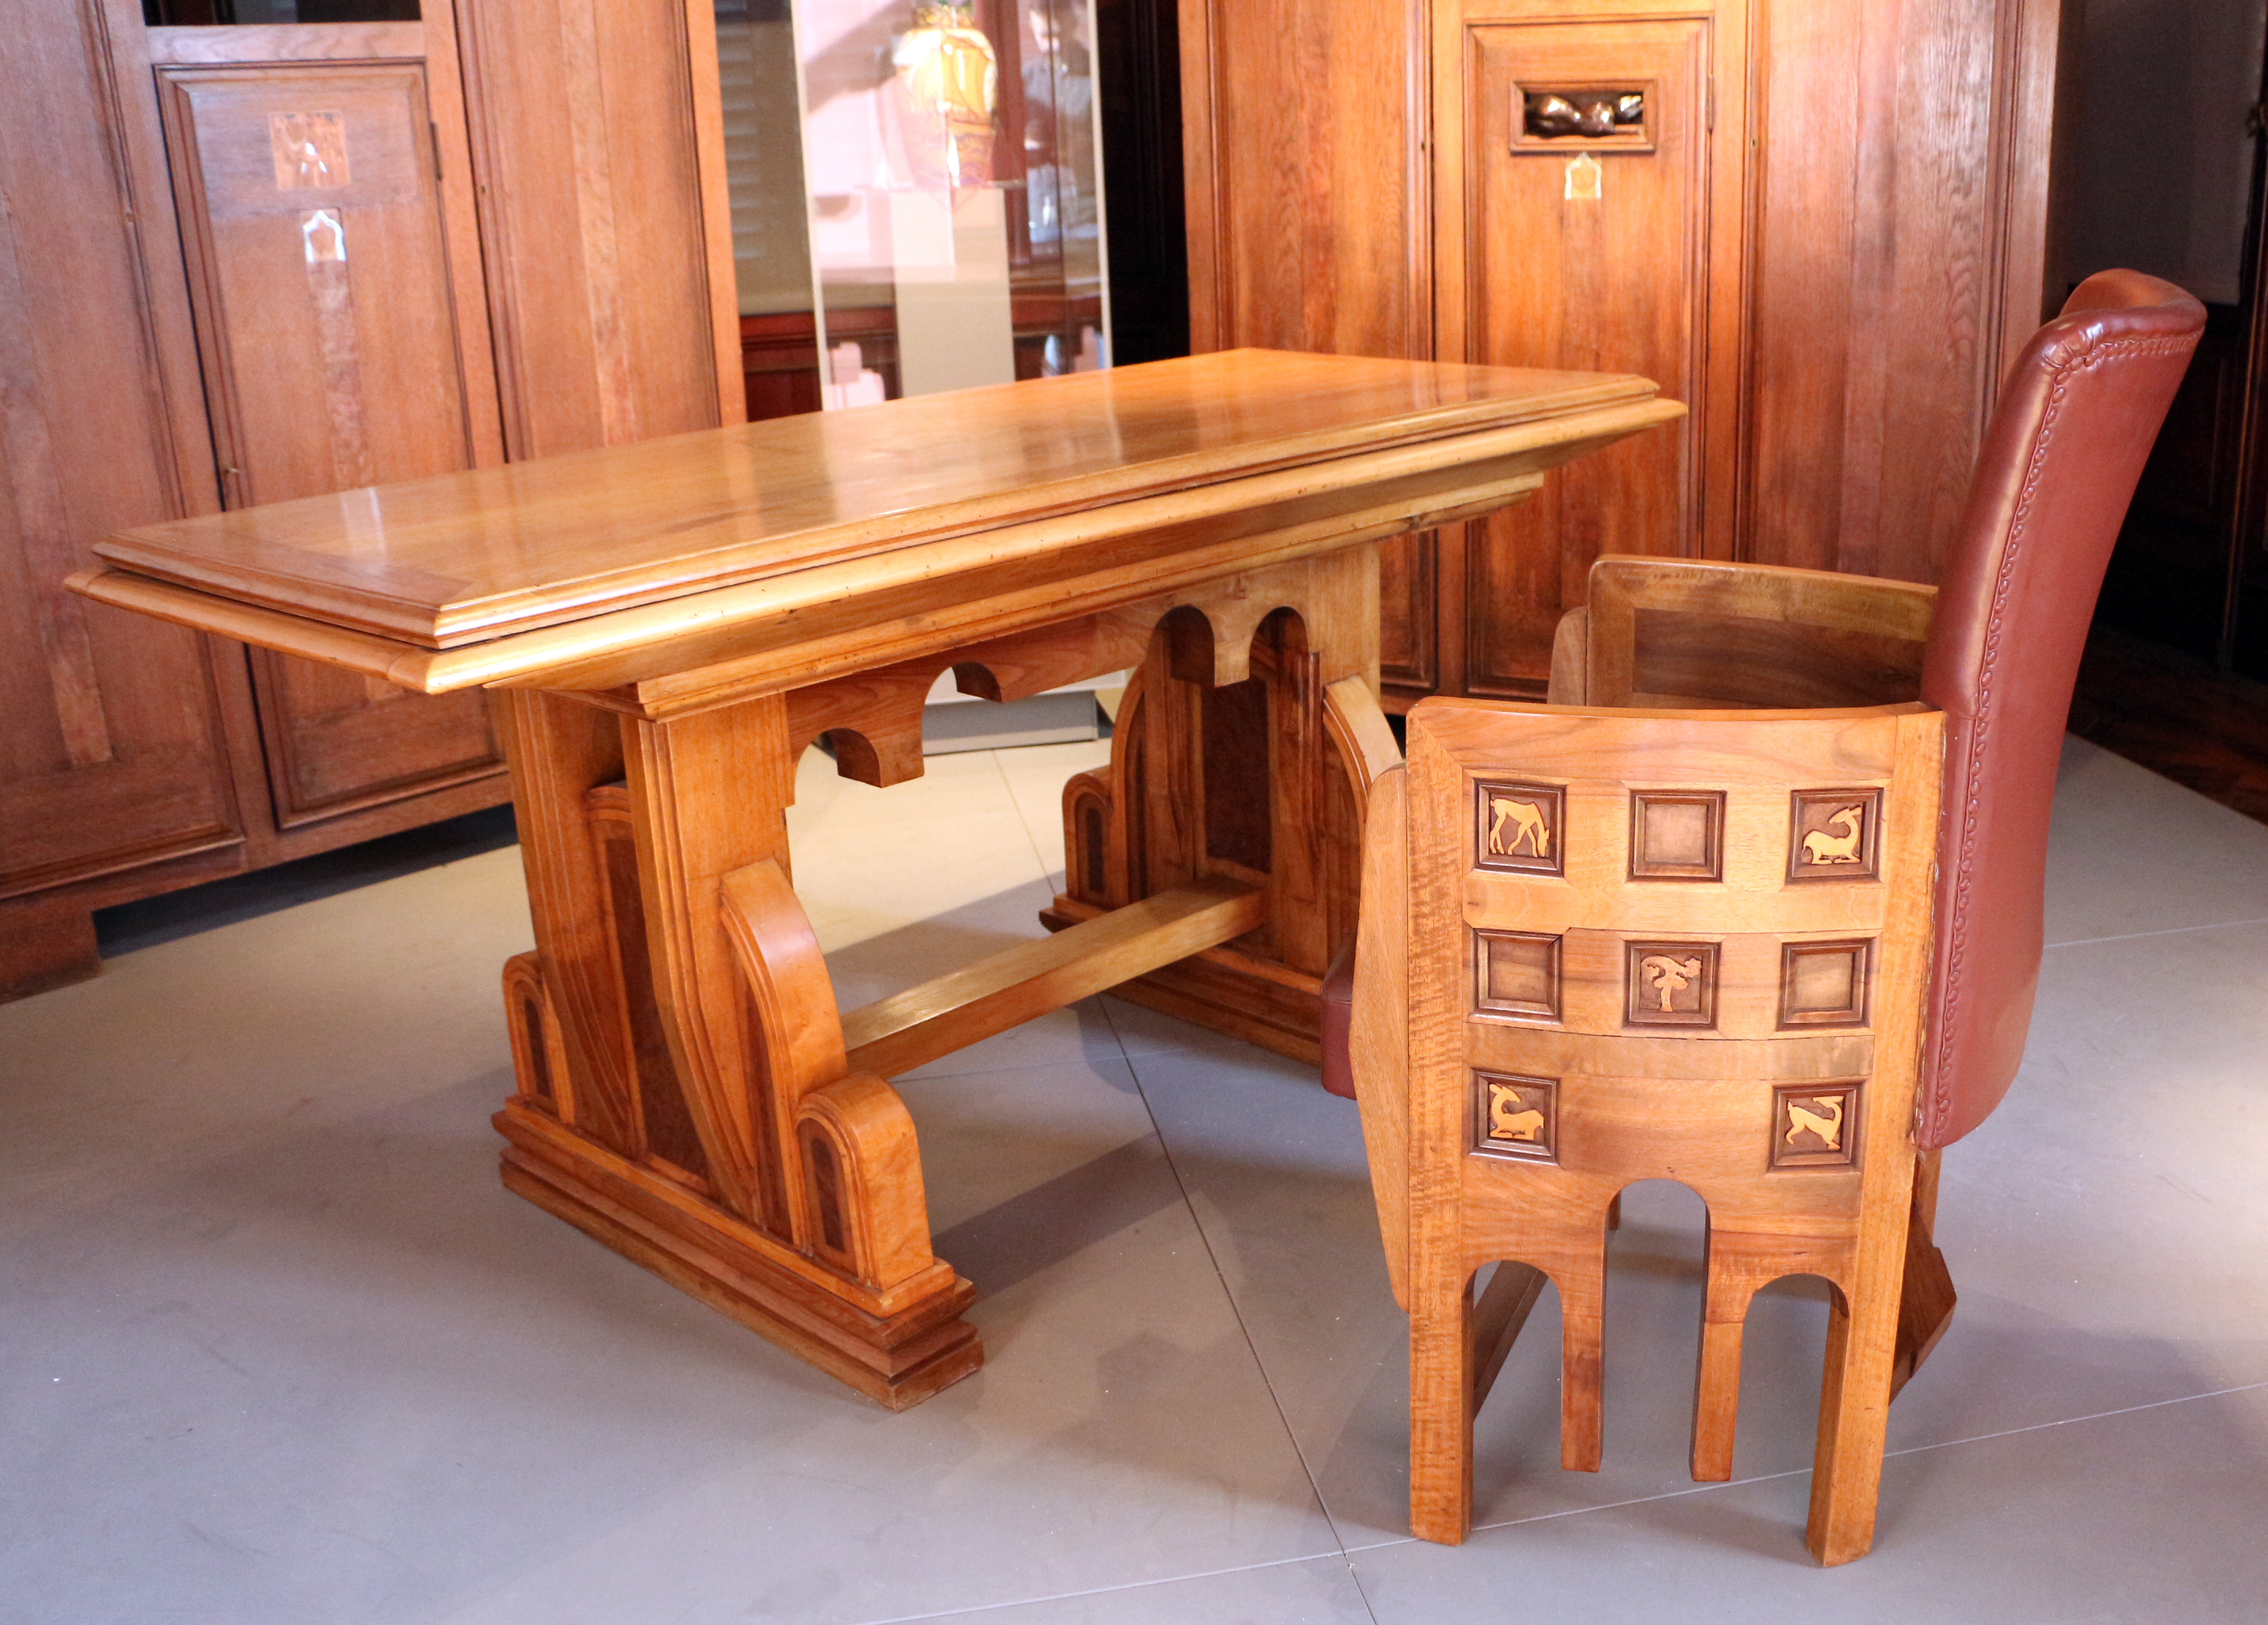 Costruire un tavolo in legno fai da te - Costruire un tavolo allungabile ...